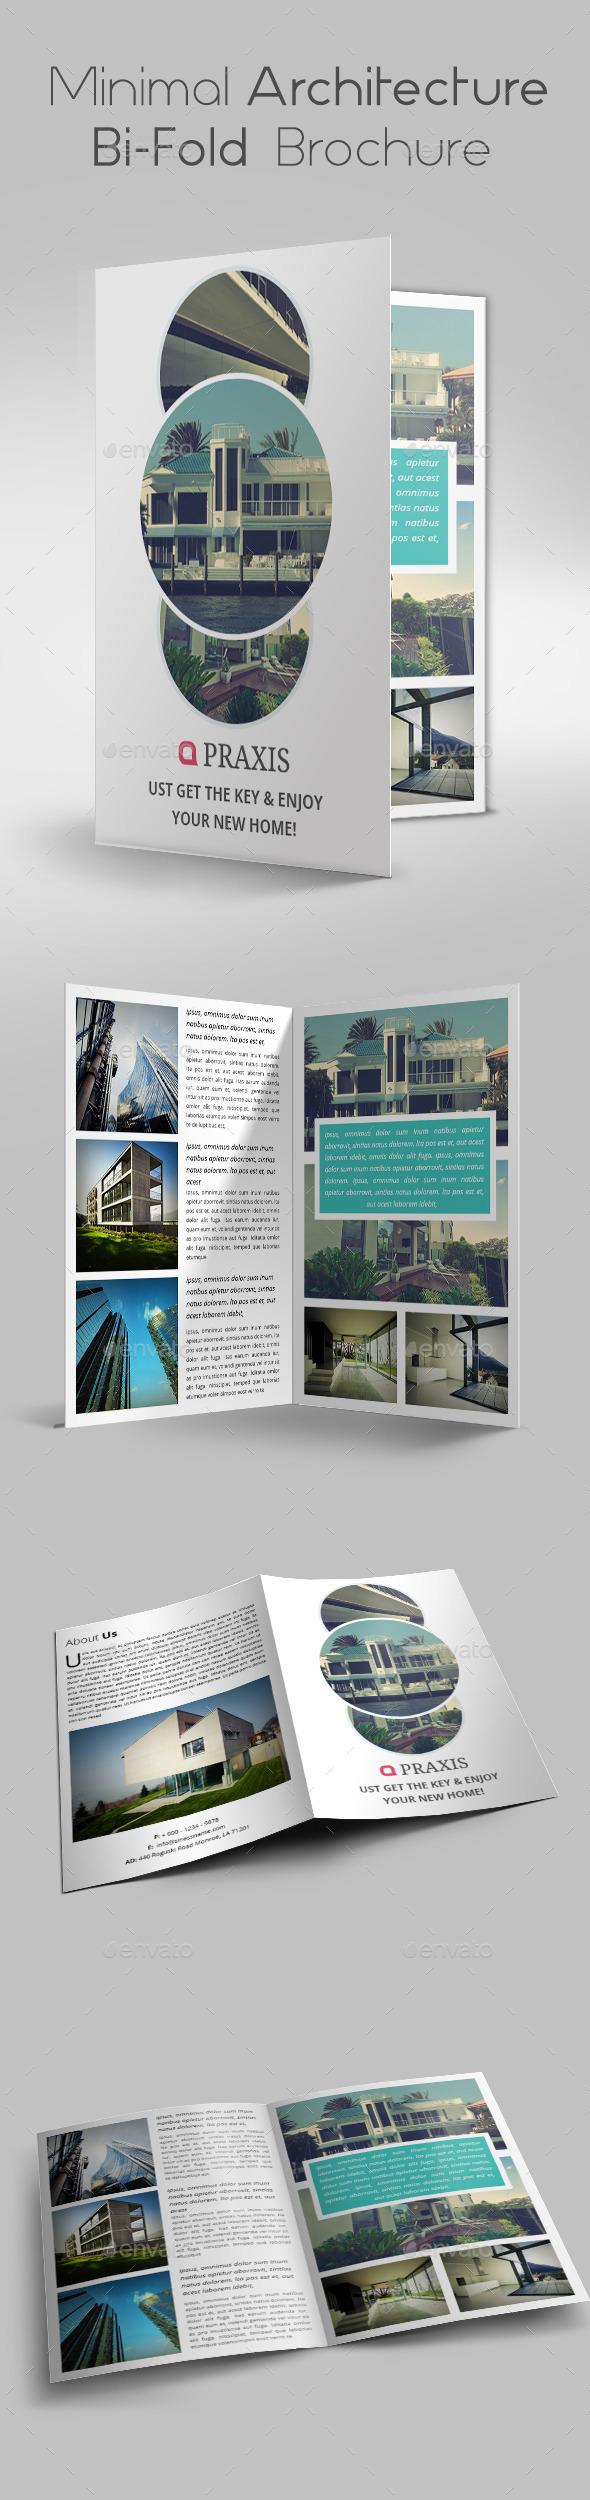 GraphicRiver Minimal Architecture Bi-Fold Brochure 10304707